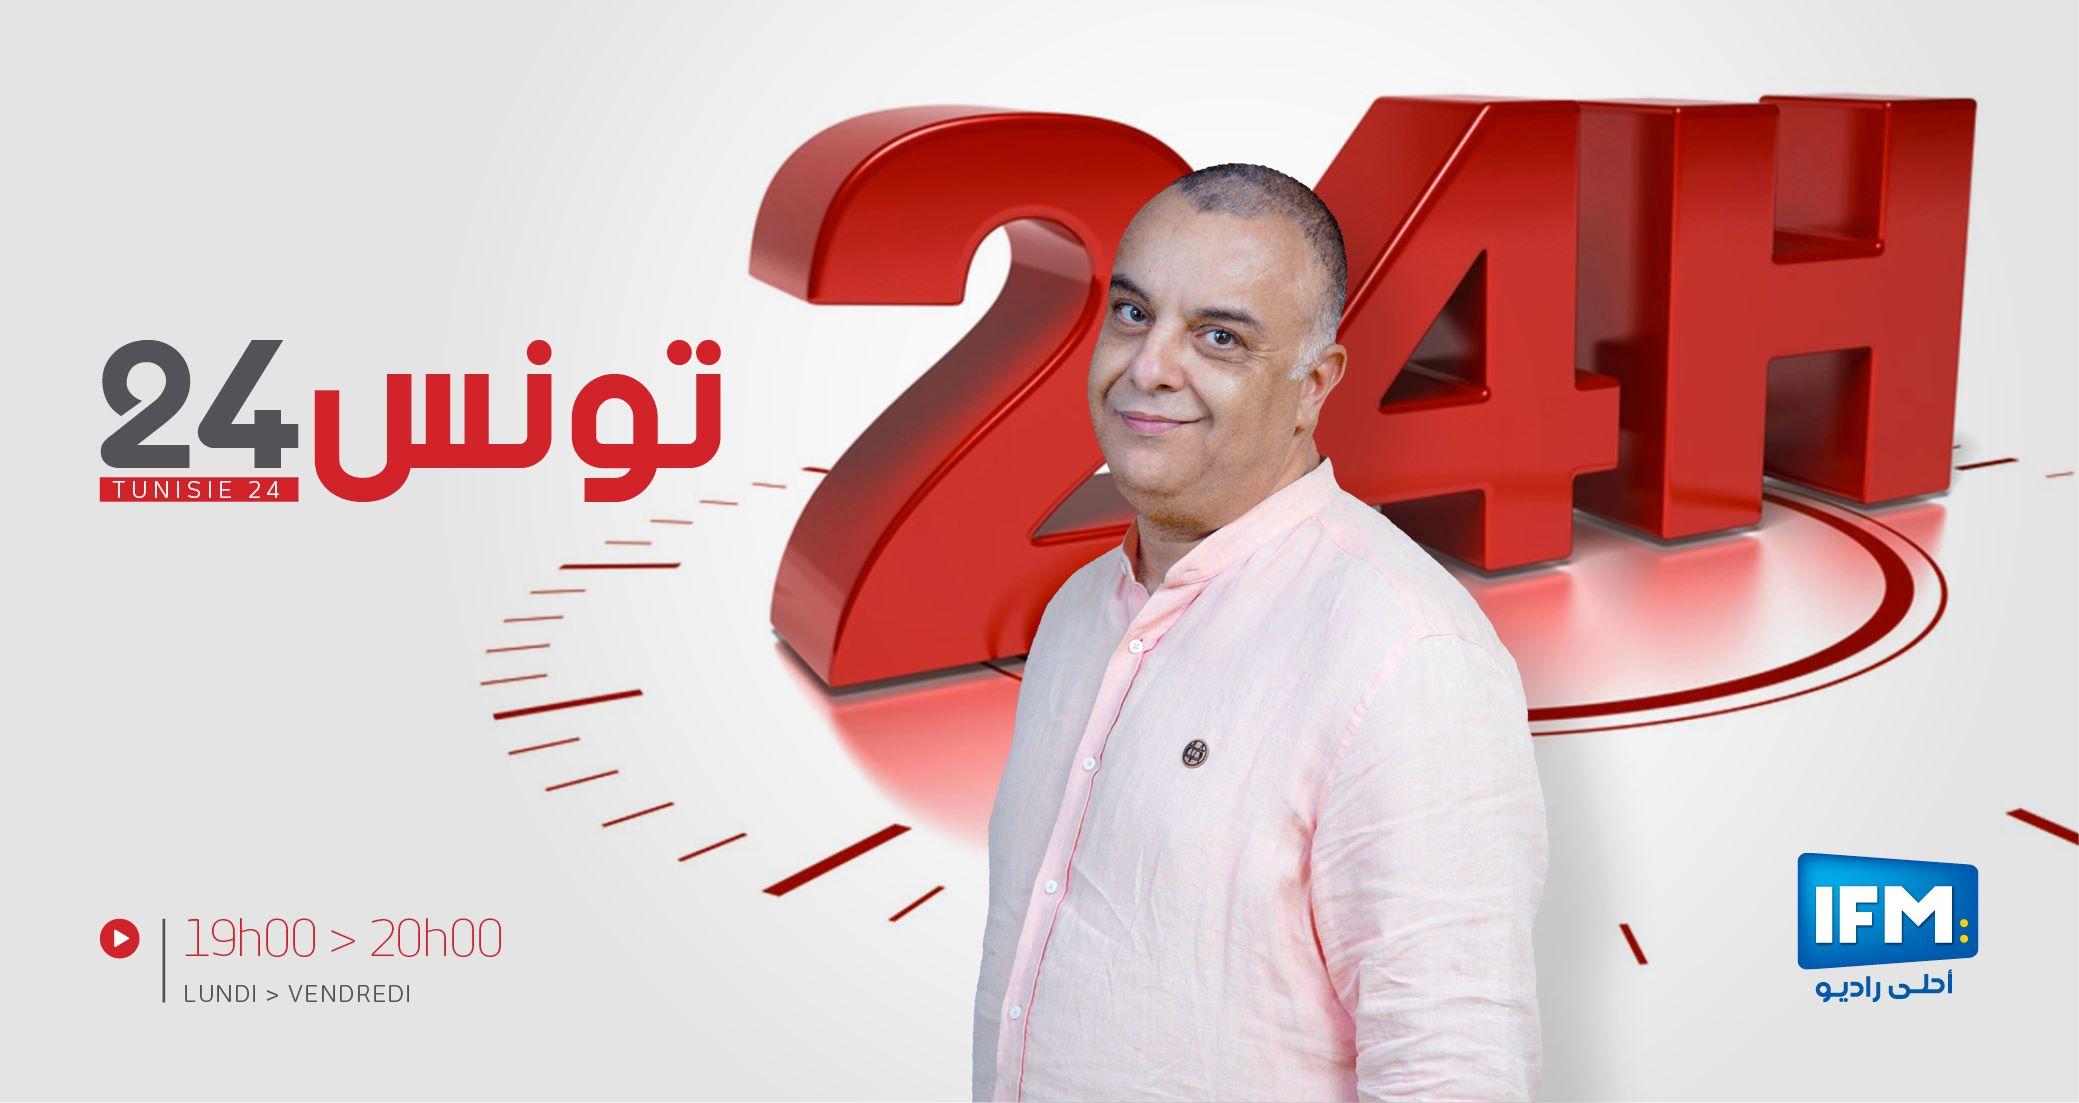 تونس 24 - مع حاتم بالحاج تونس 24 مع أمين قلنزة